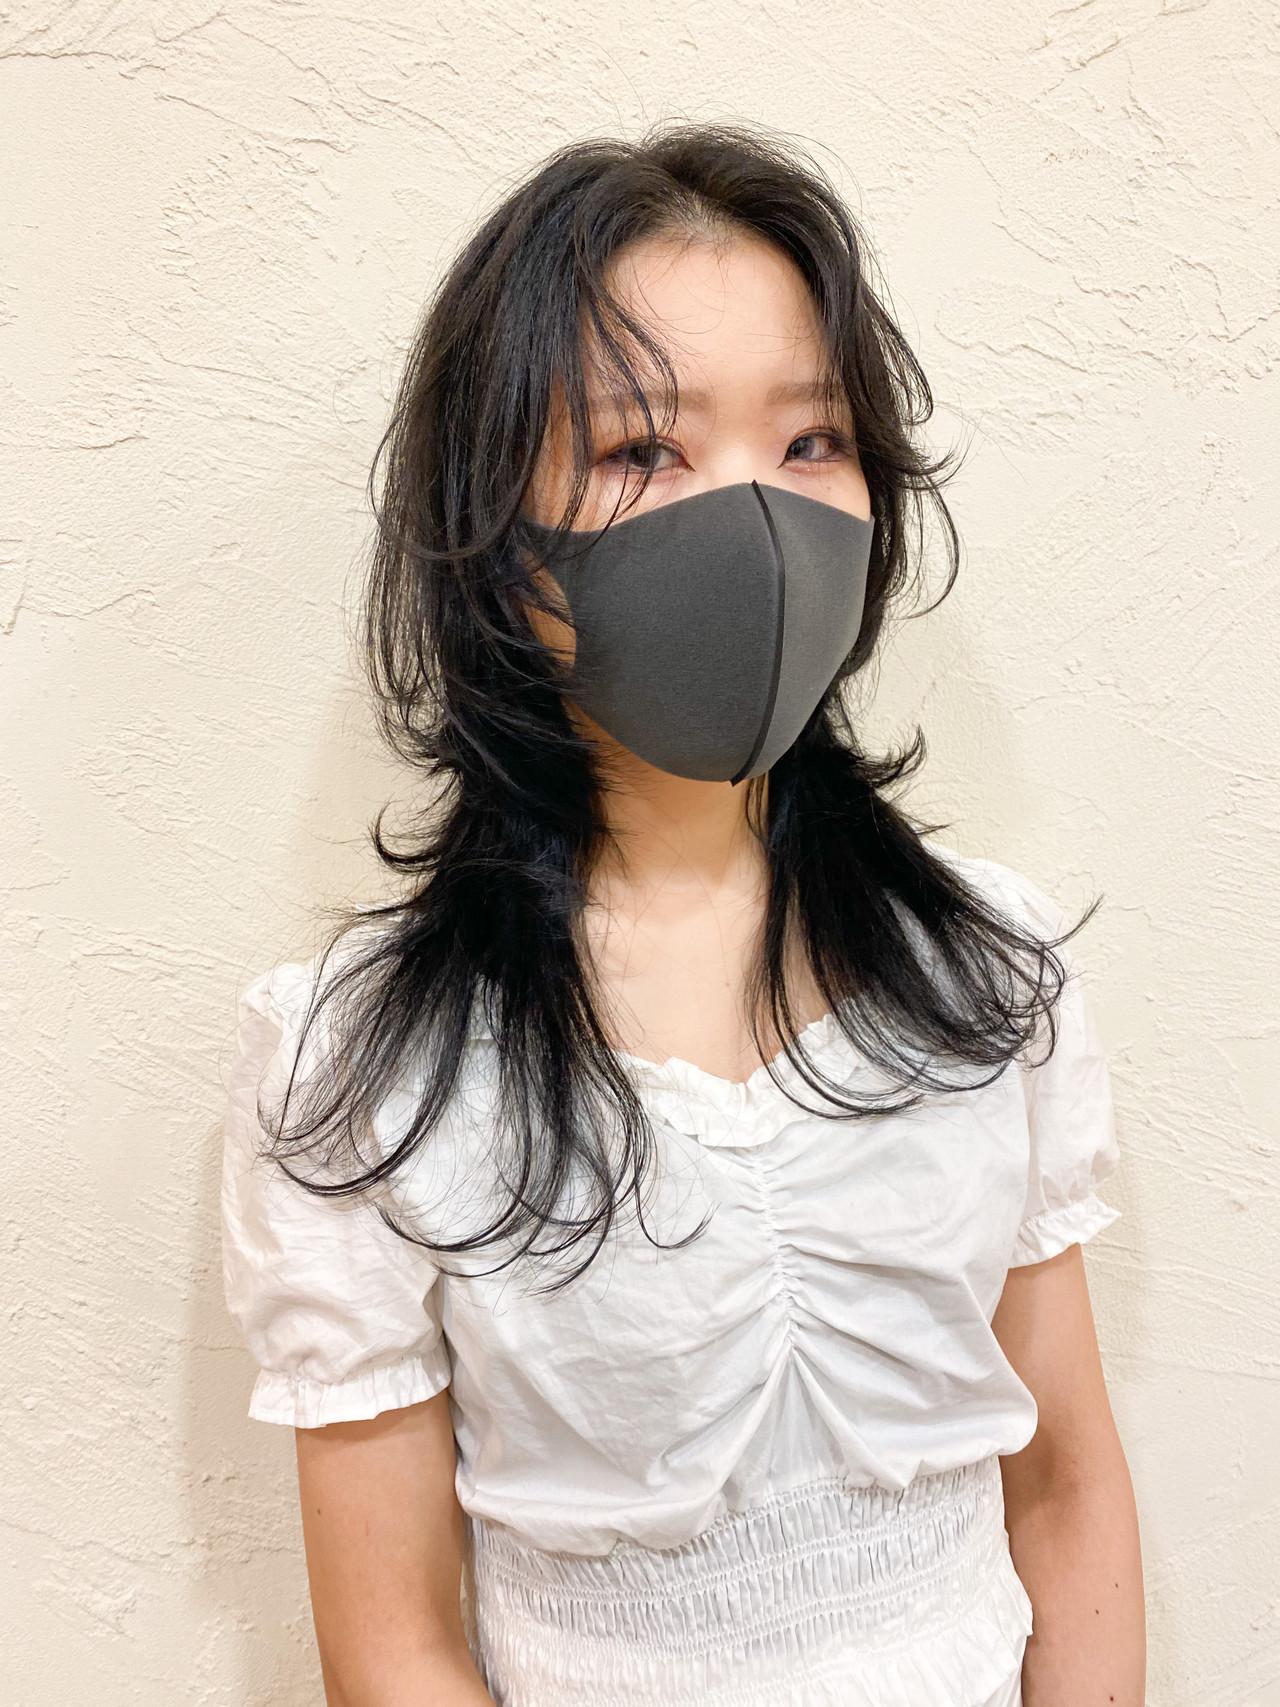 ウルフ女子 ロング モード マッシュウルフ ヘアスタイルや髪型の写真・画像